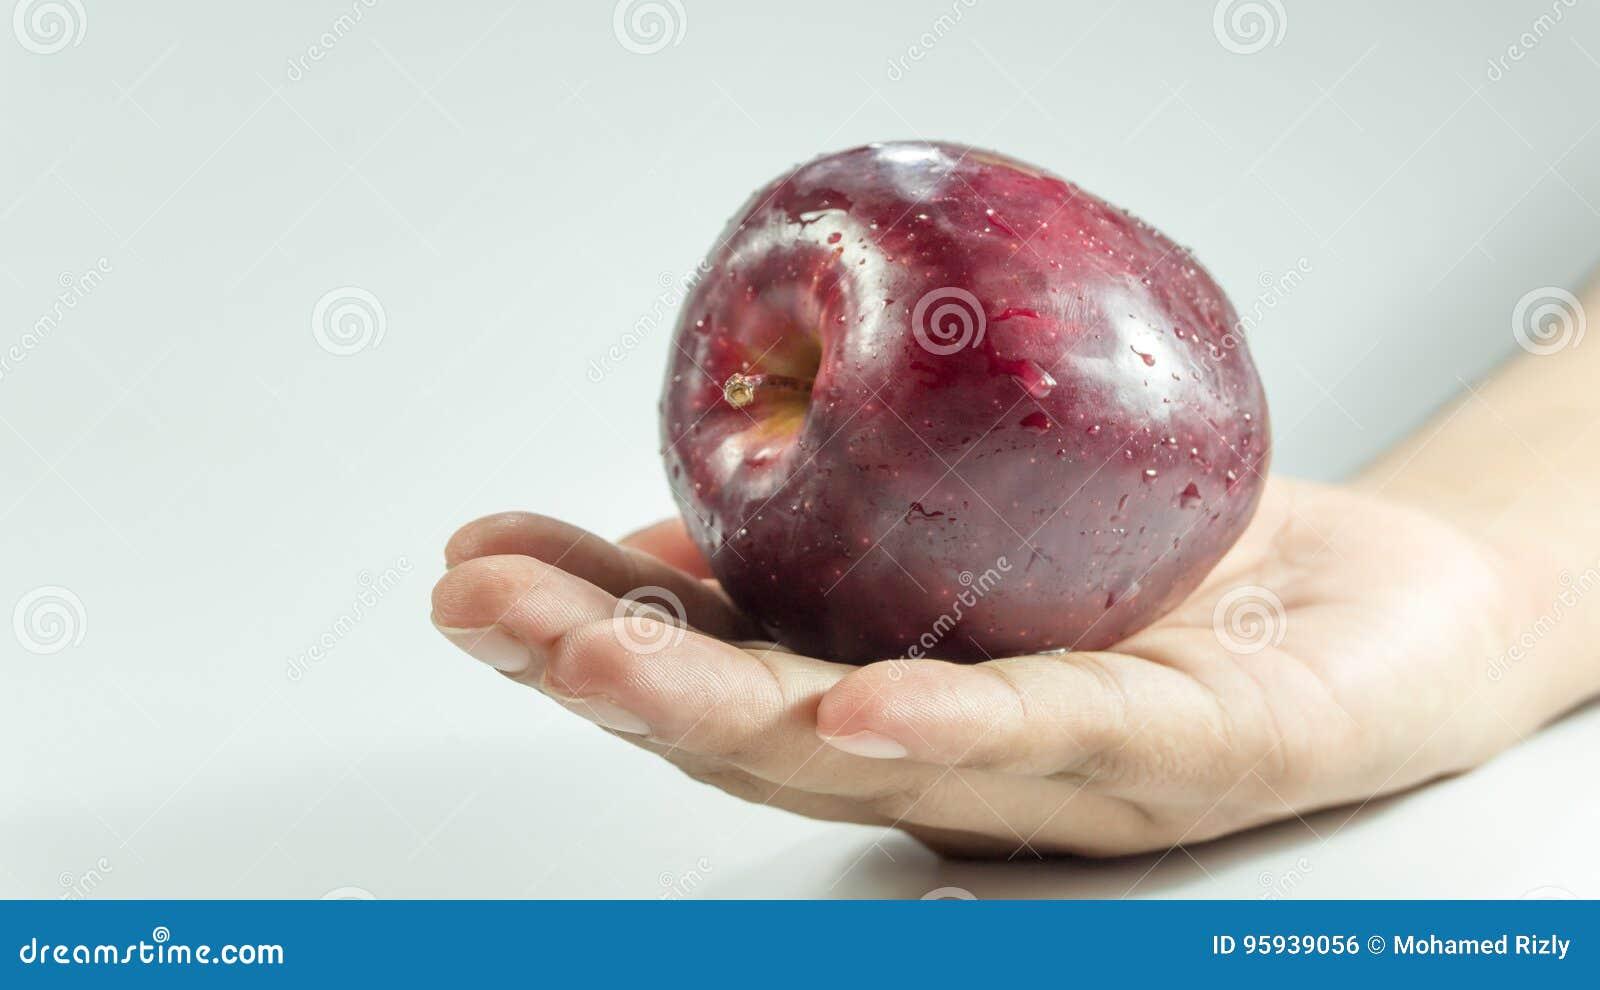 Sliced cube of fresh Red appleon hand.